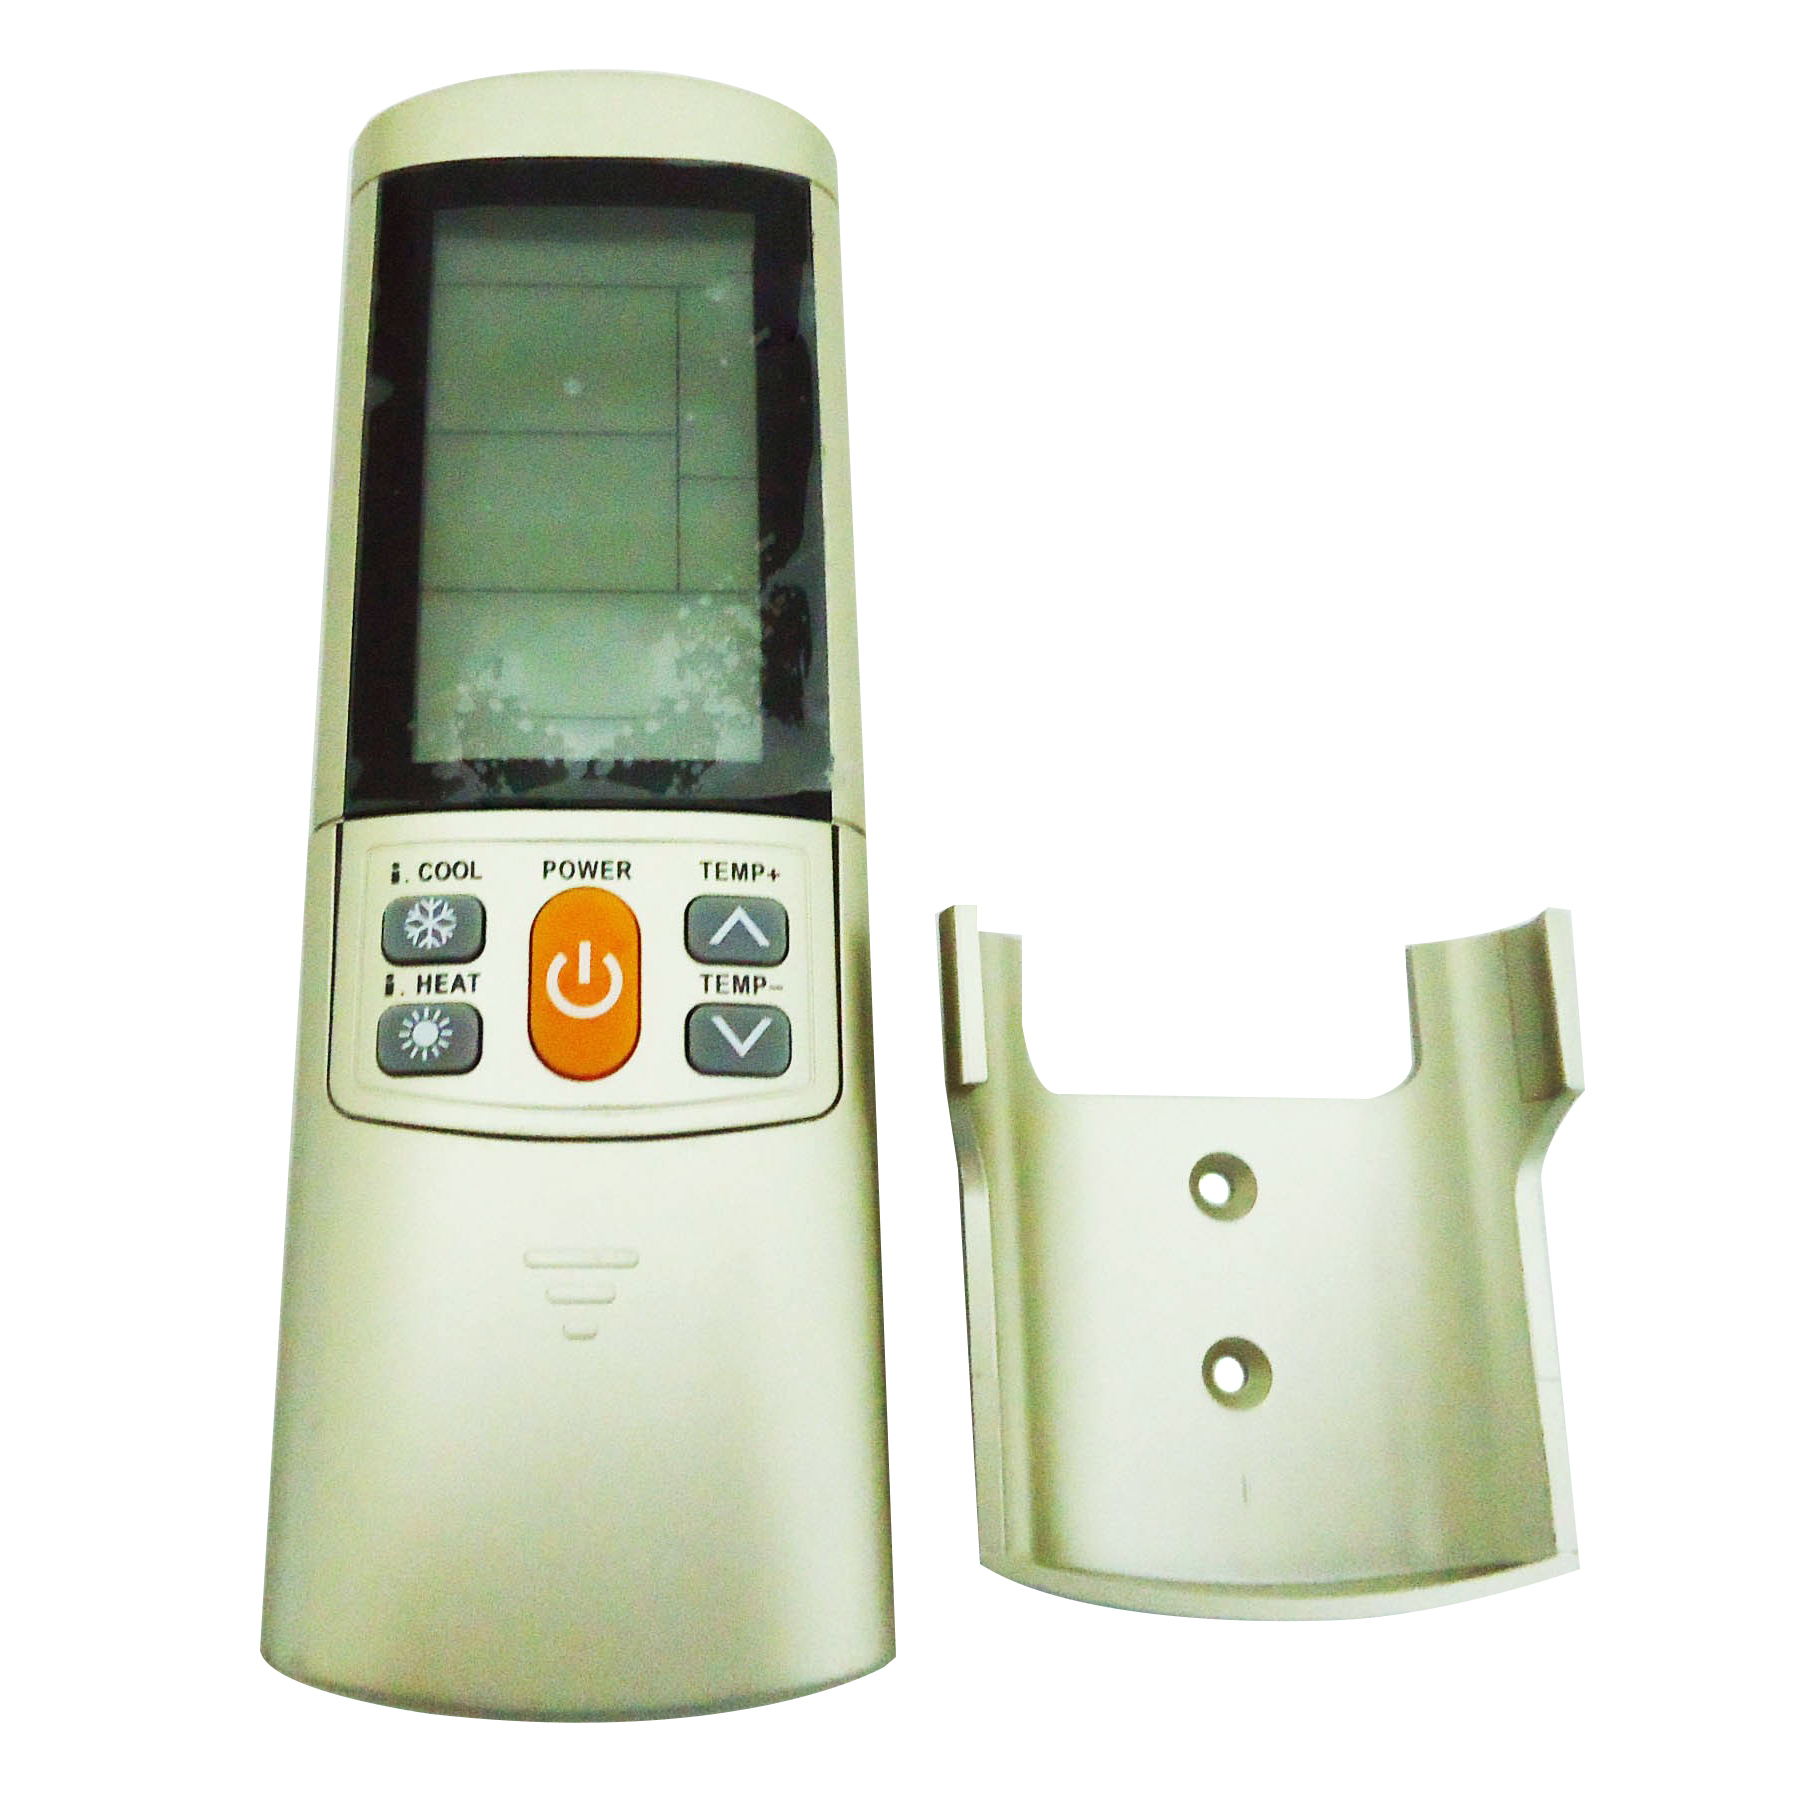 KT-N828 Τηλεχειριστήρια Κλιματιστικών Air Condition κλιματισμός    ανταλλακτικά   εξαρτήματα κλιματιστικών a c  προσφορές   κλιματισ